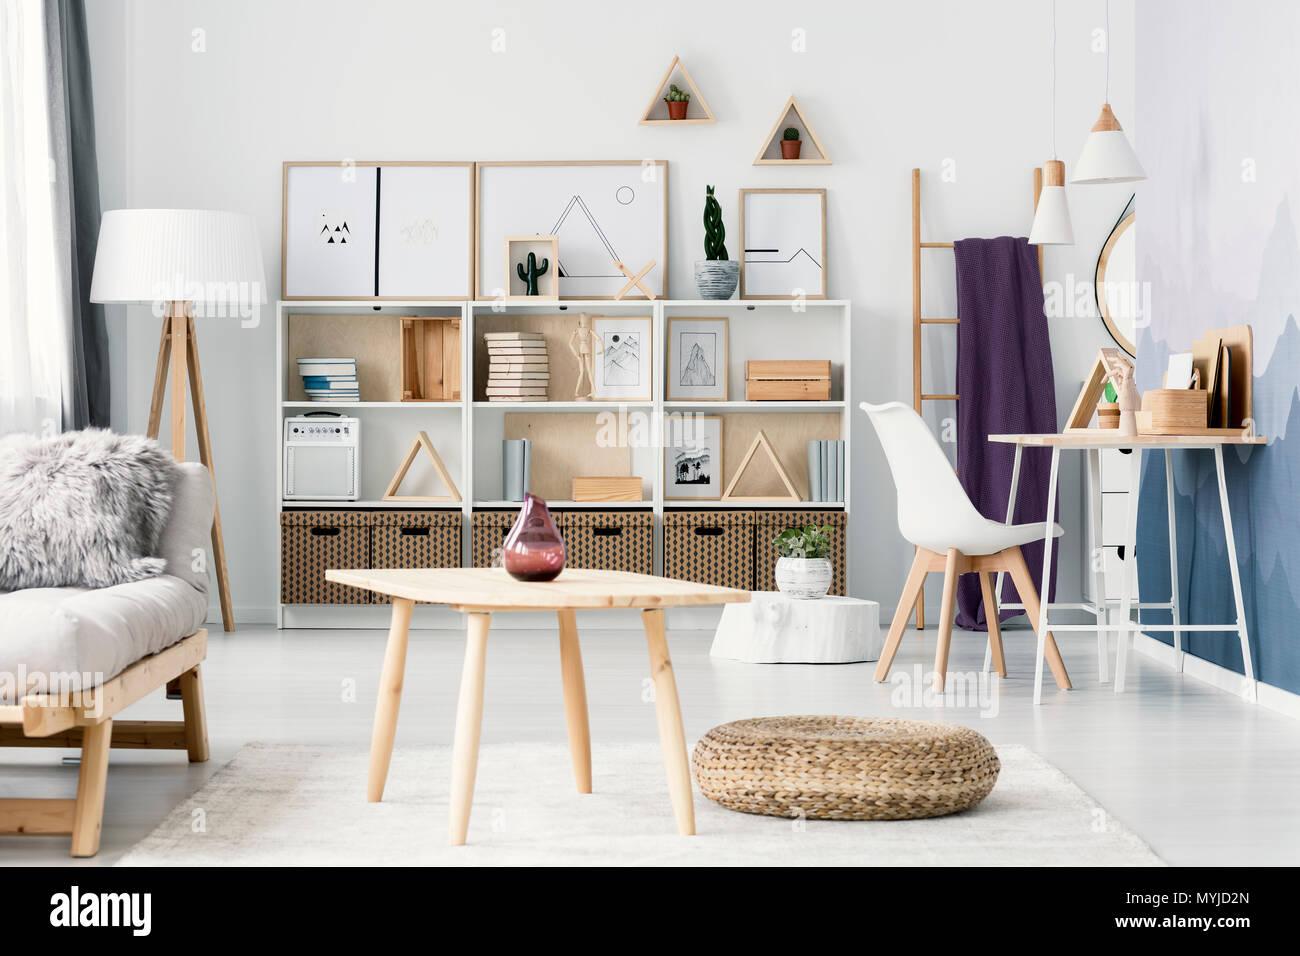 Puf junto a una mesa de madera en el espacio abierto interior con silla blanca en la mesa y carteles en la pared Imagen De Stock